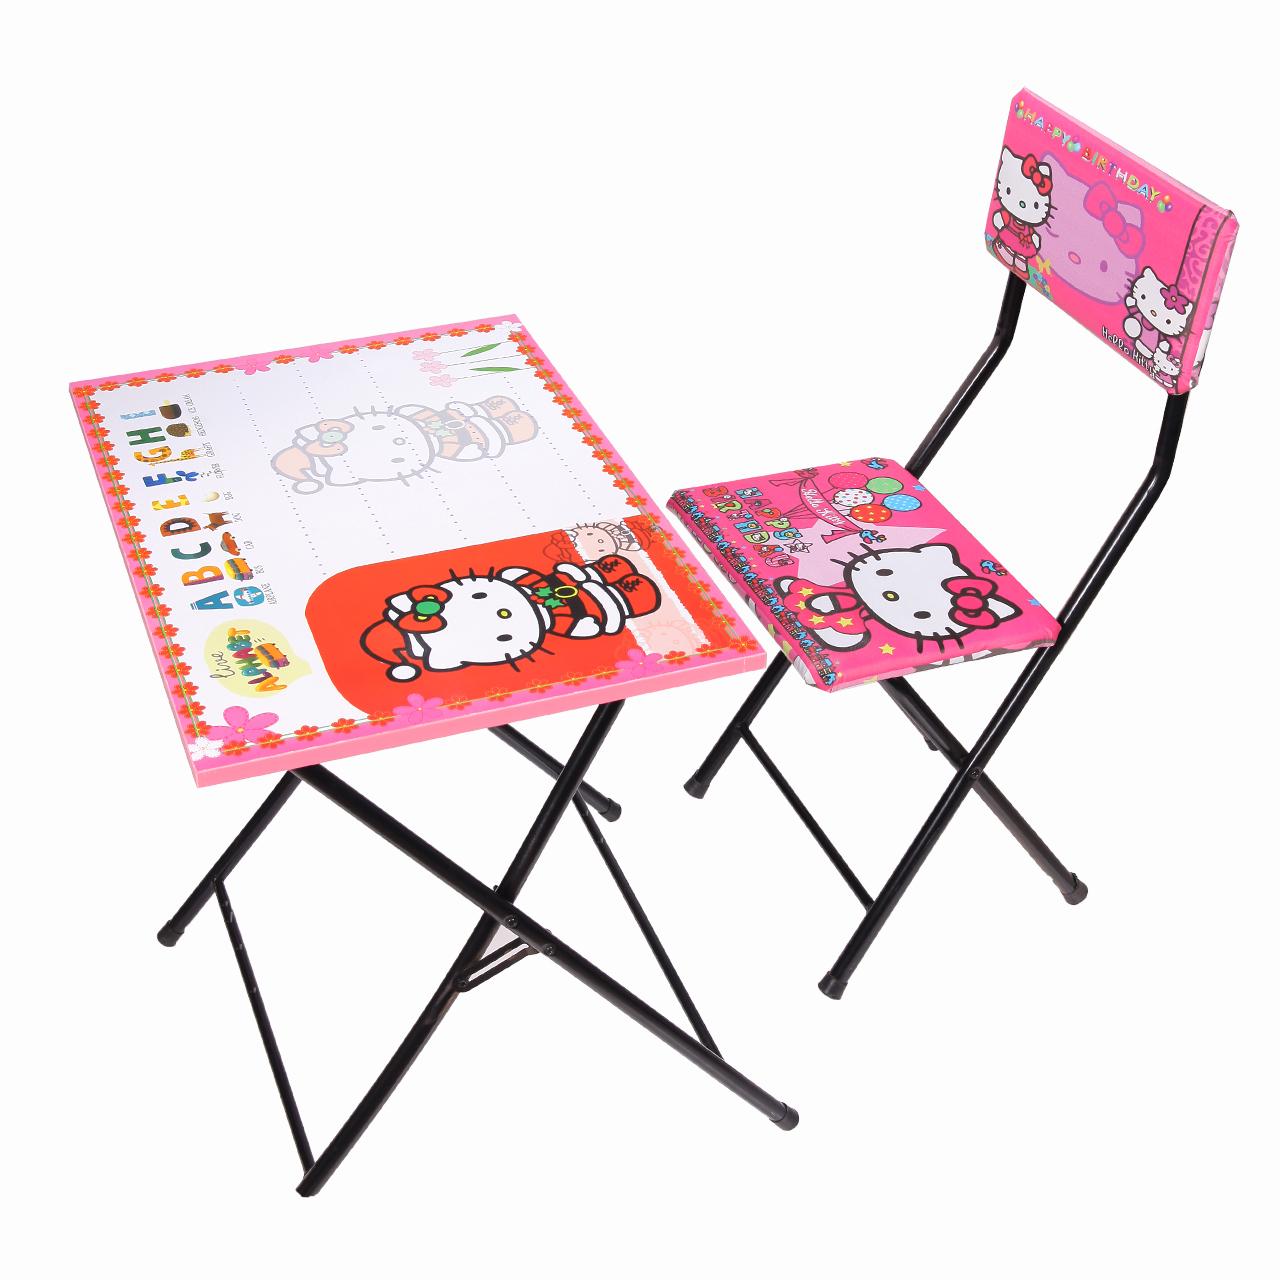 میز تحریر و صندلی طرح کیتی (وایت بردی،تاشو،تنظیم شونده ارتفاع)